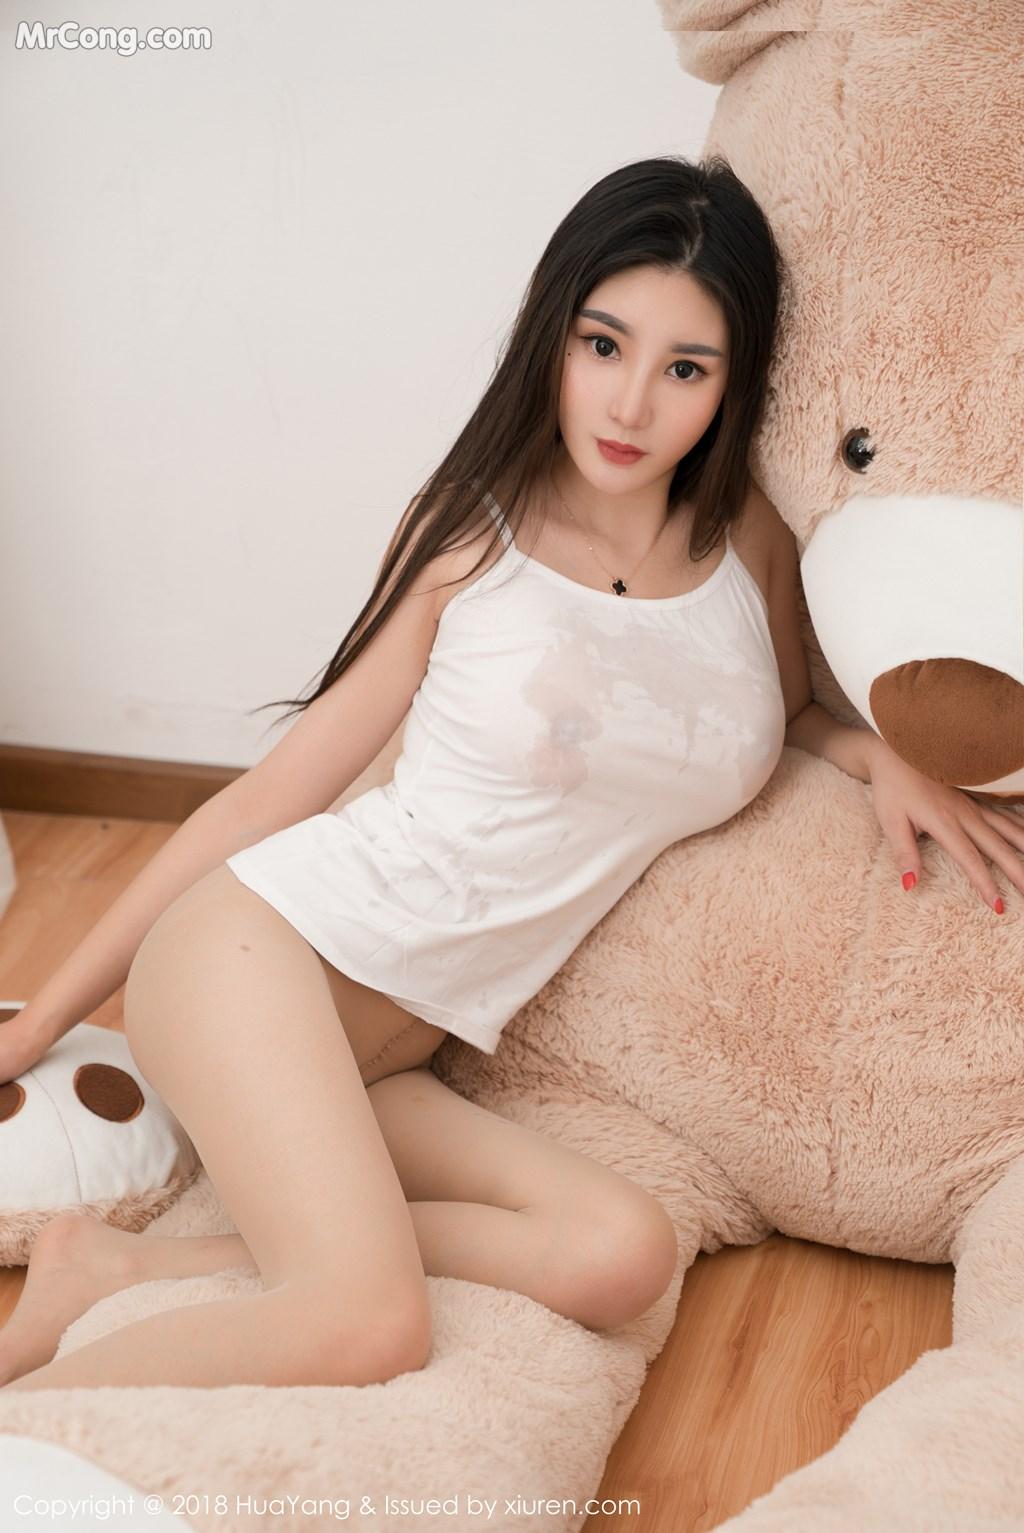 Image HuaYang-2018-03-02-Vol.034-Xiao-Tian-Xin-Candy-MrCong.com-033 in post HuaYang 2018-03-02 Vol.034: Người mẫu Xiao Tian Xin (小甜心Candy) (41 ảnh)